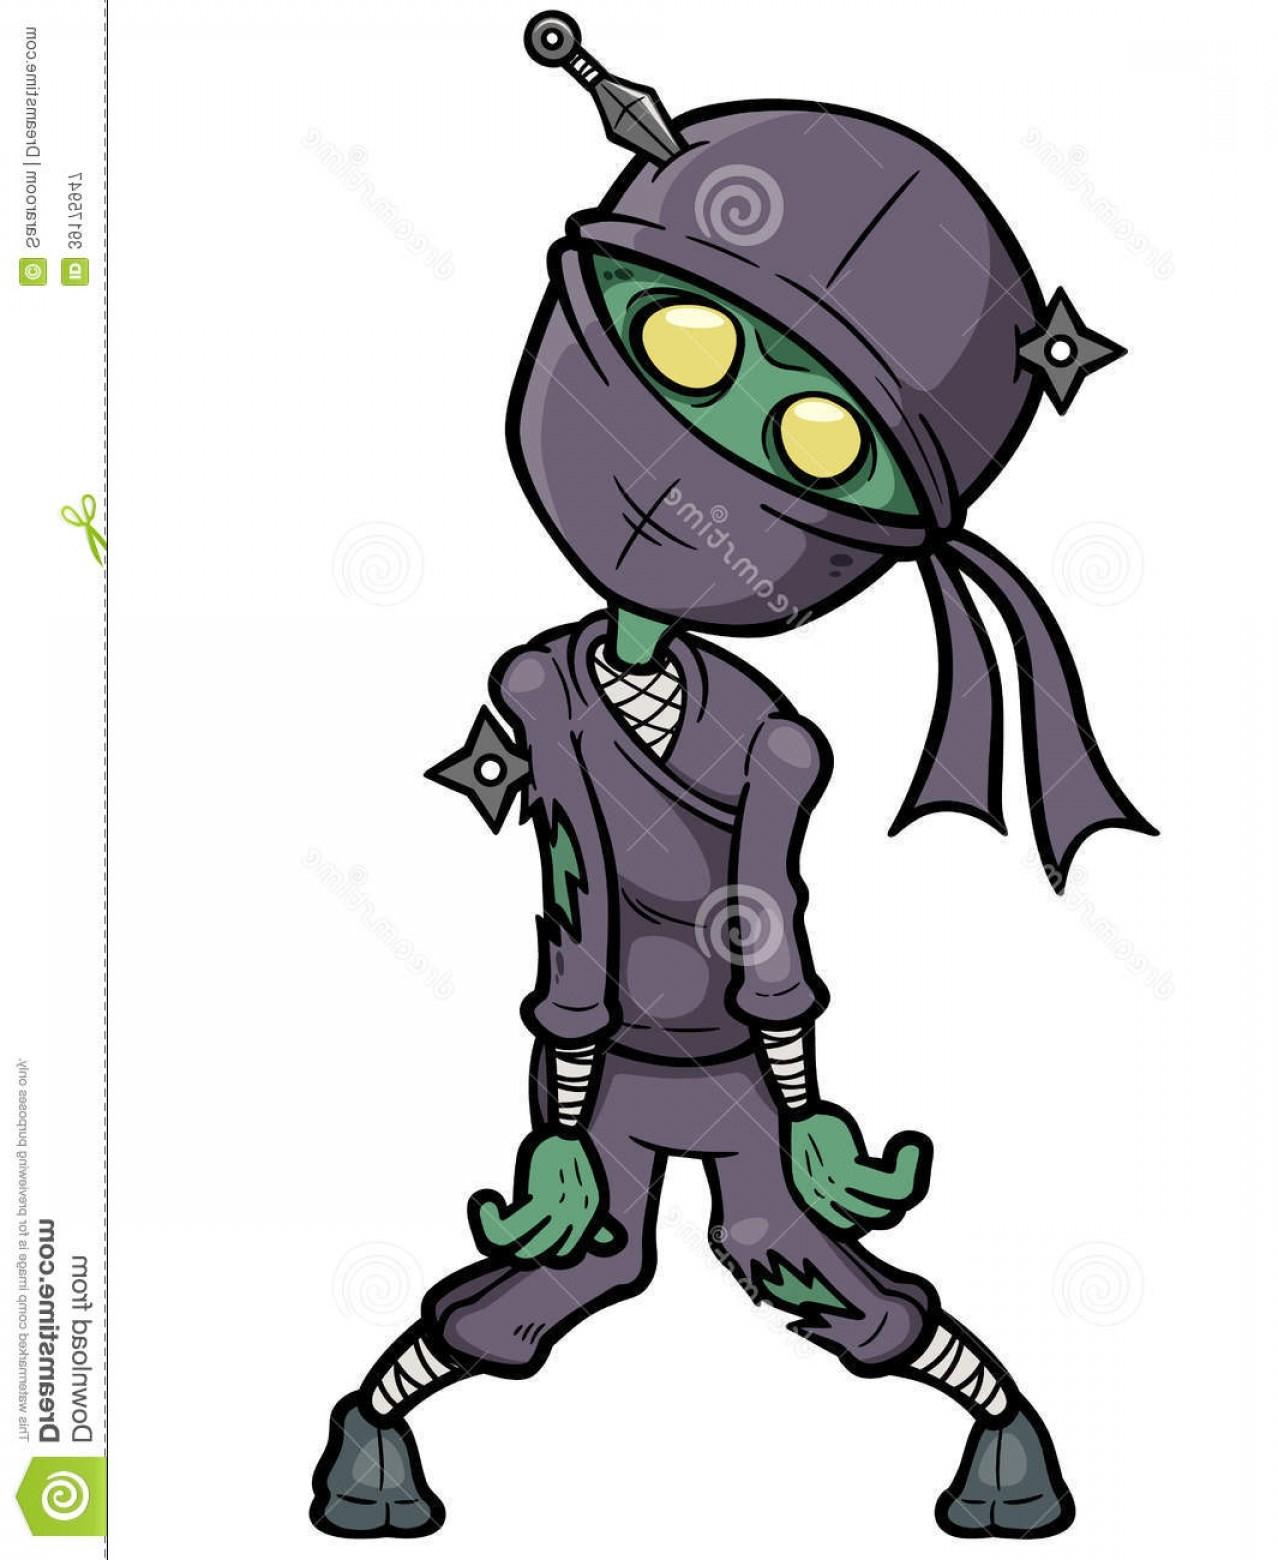 1278x1560 Royalty Free Stock Photography Cartoon Ninja Zombie Vector